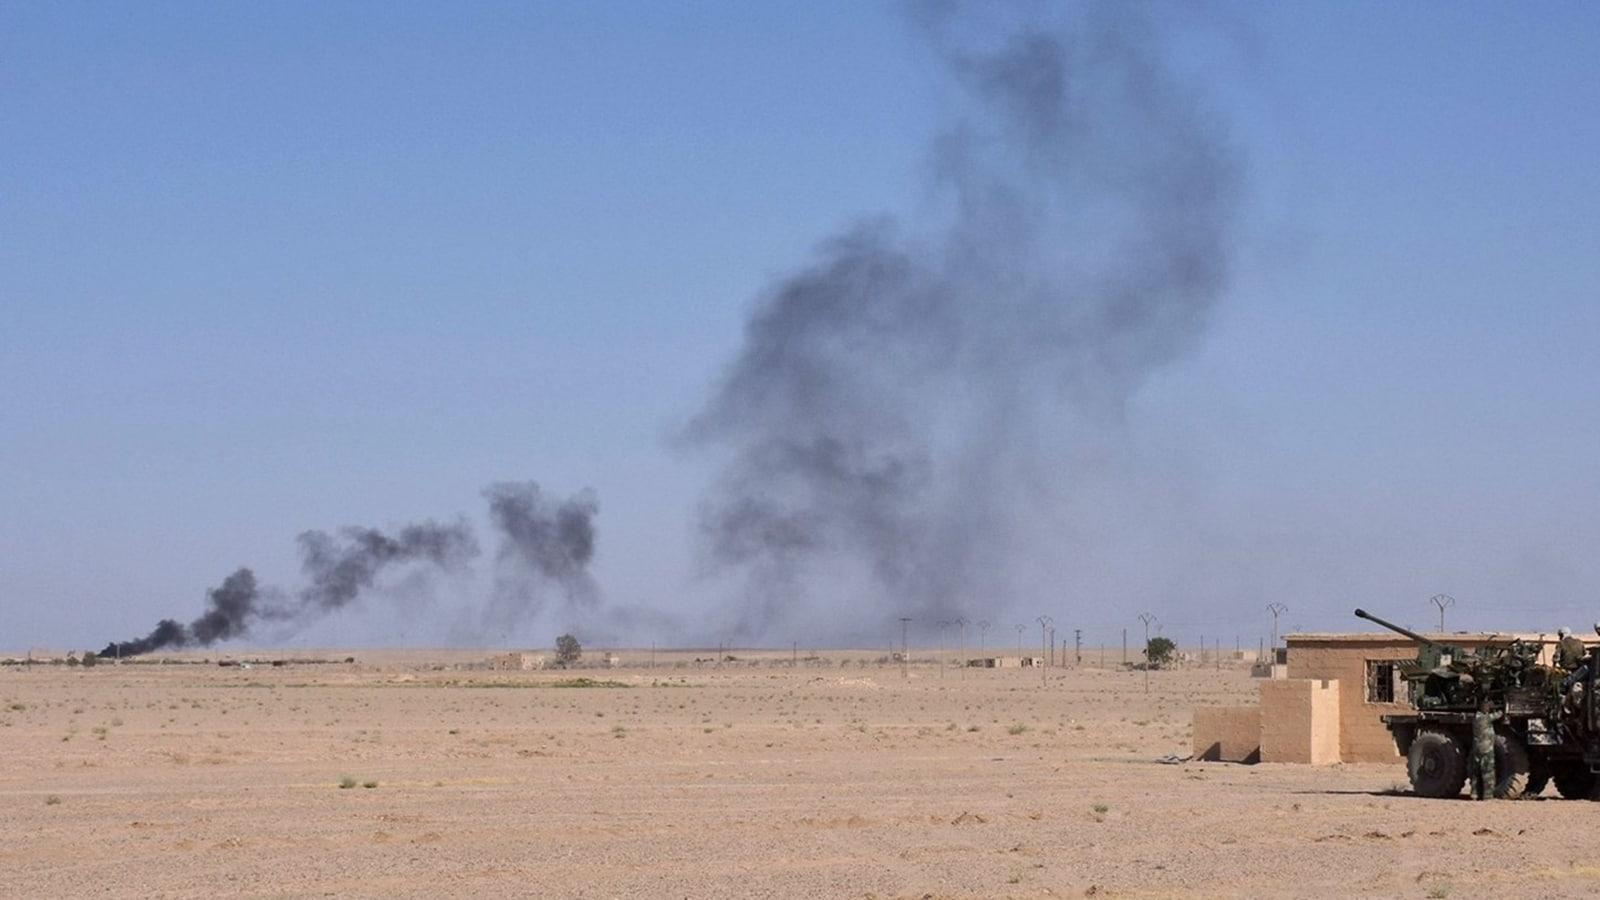 طائرات مجهولة تستهدف فصائل إيرانية في سوريا فهل فعلتها إسرائيل؟